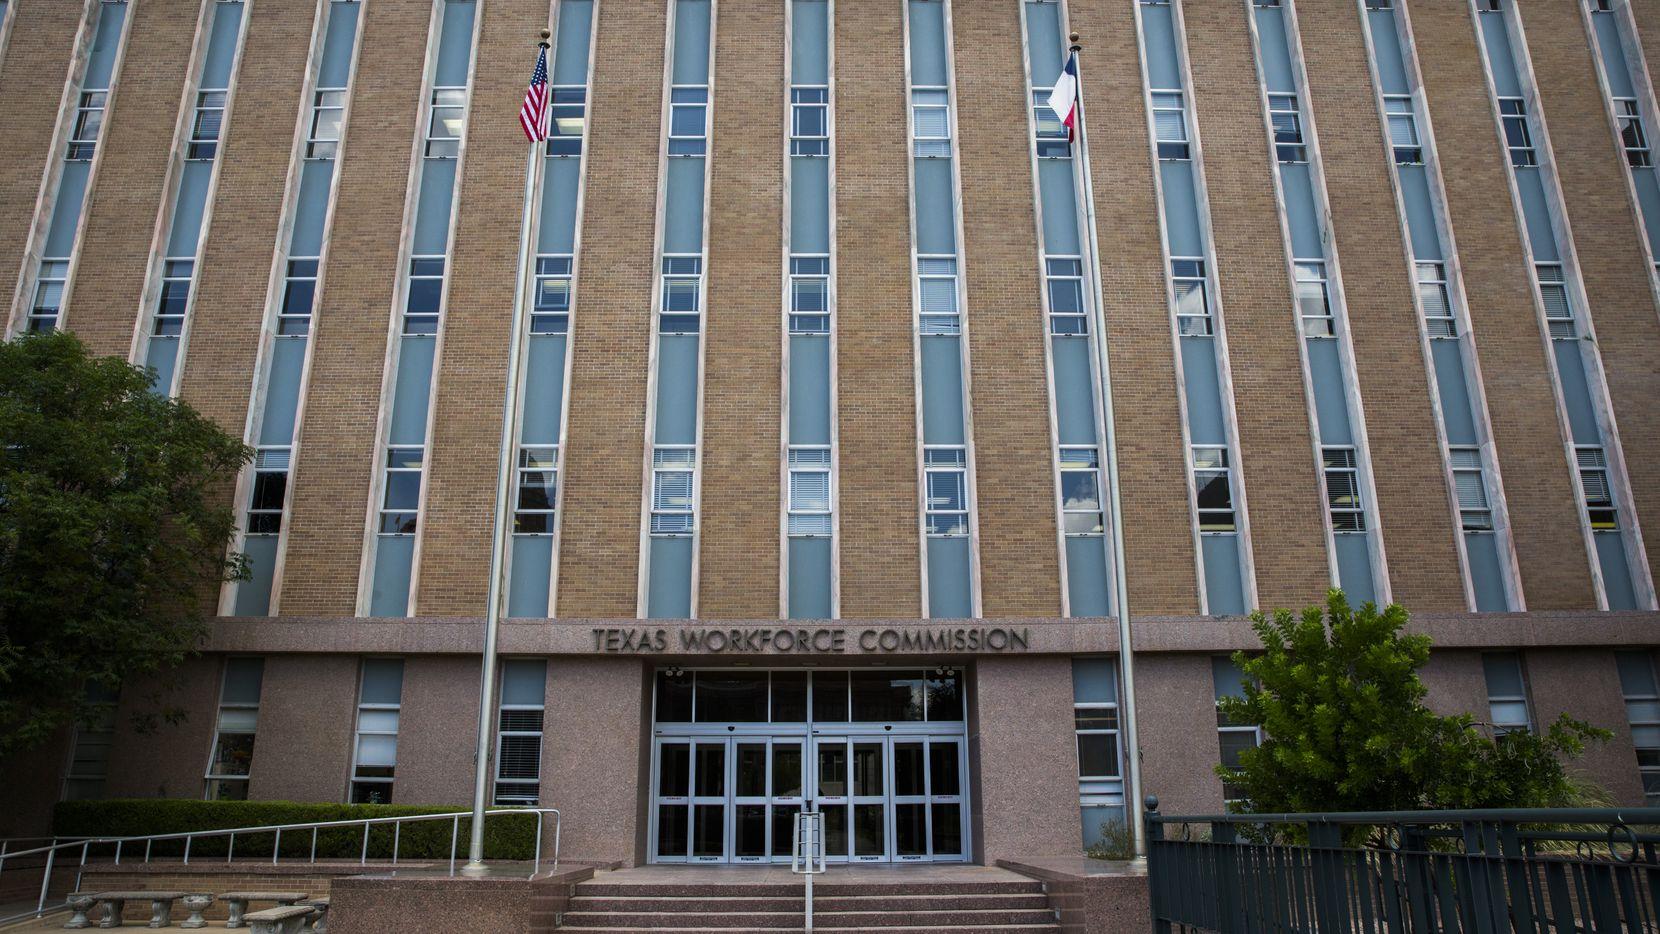 La sede de la Comisión de Fuerza Laboral de Texas, en Austin.